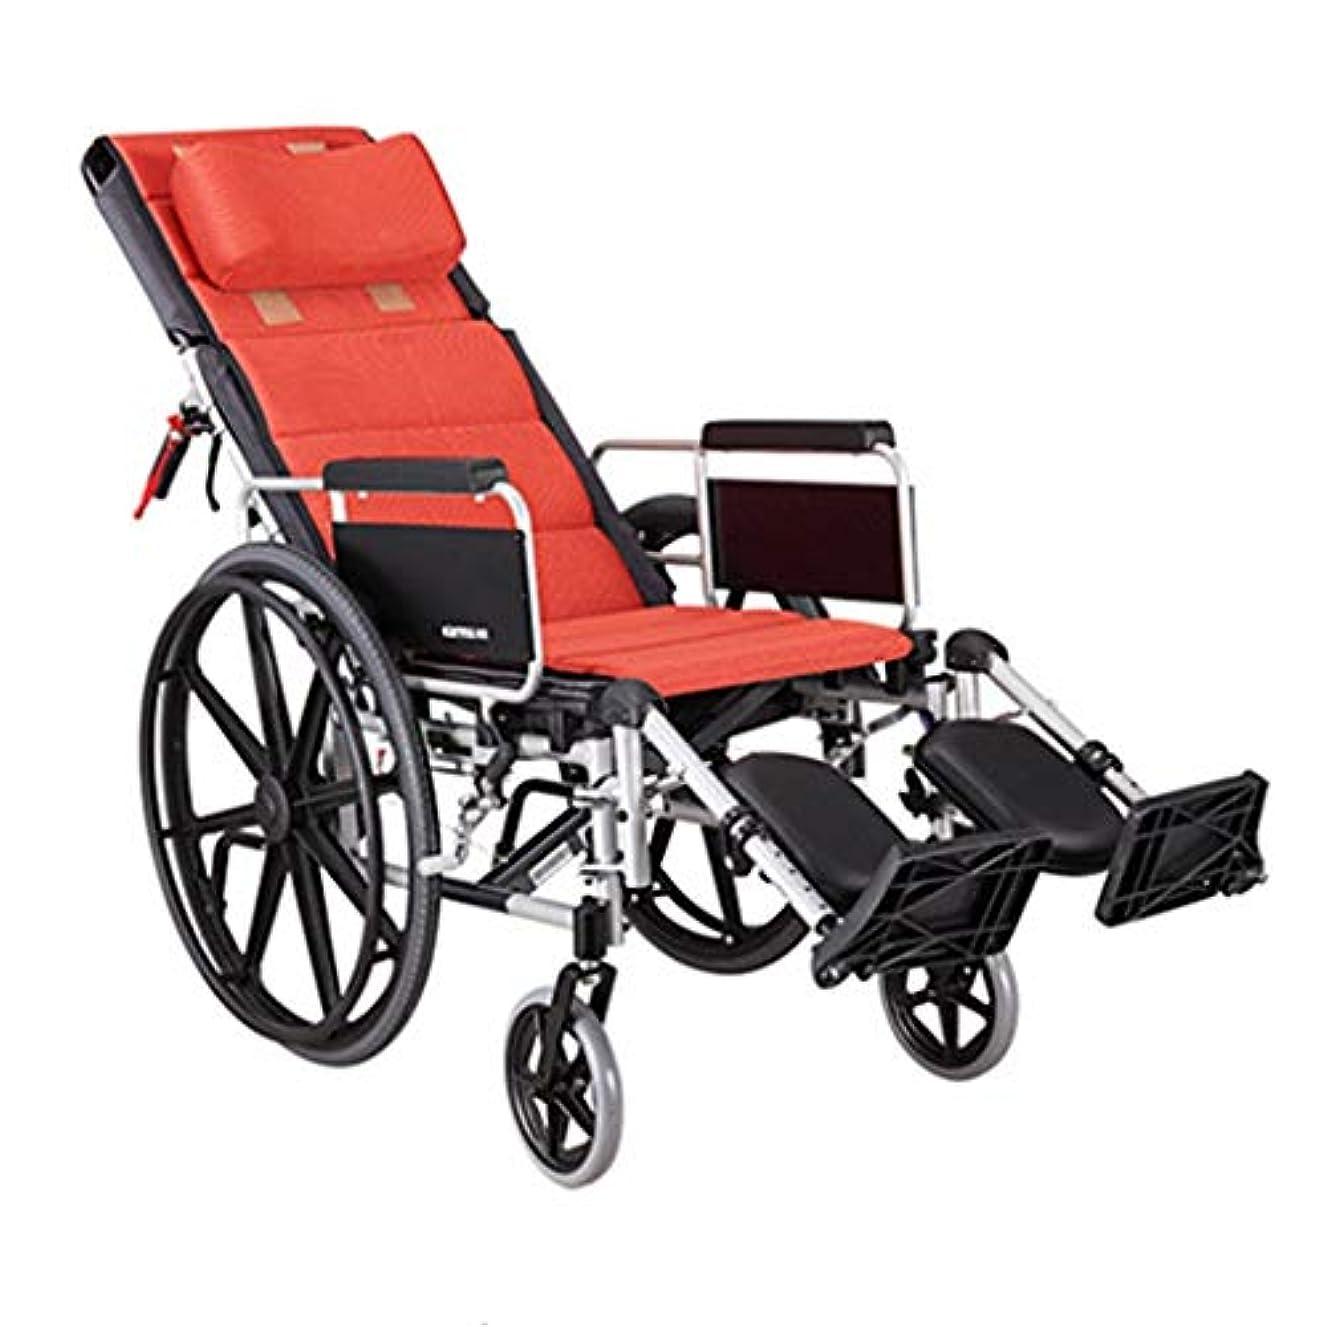 ナイロン遠洋のマトリックス高齢者用車椅子折りたたみ式手すり、リアブレーキハンドル機能付き調整可能ペダルソフト手すり